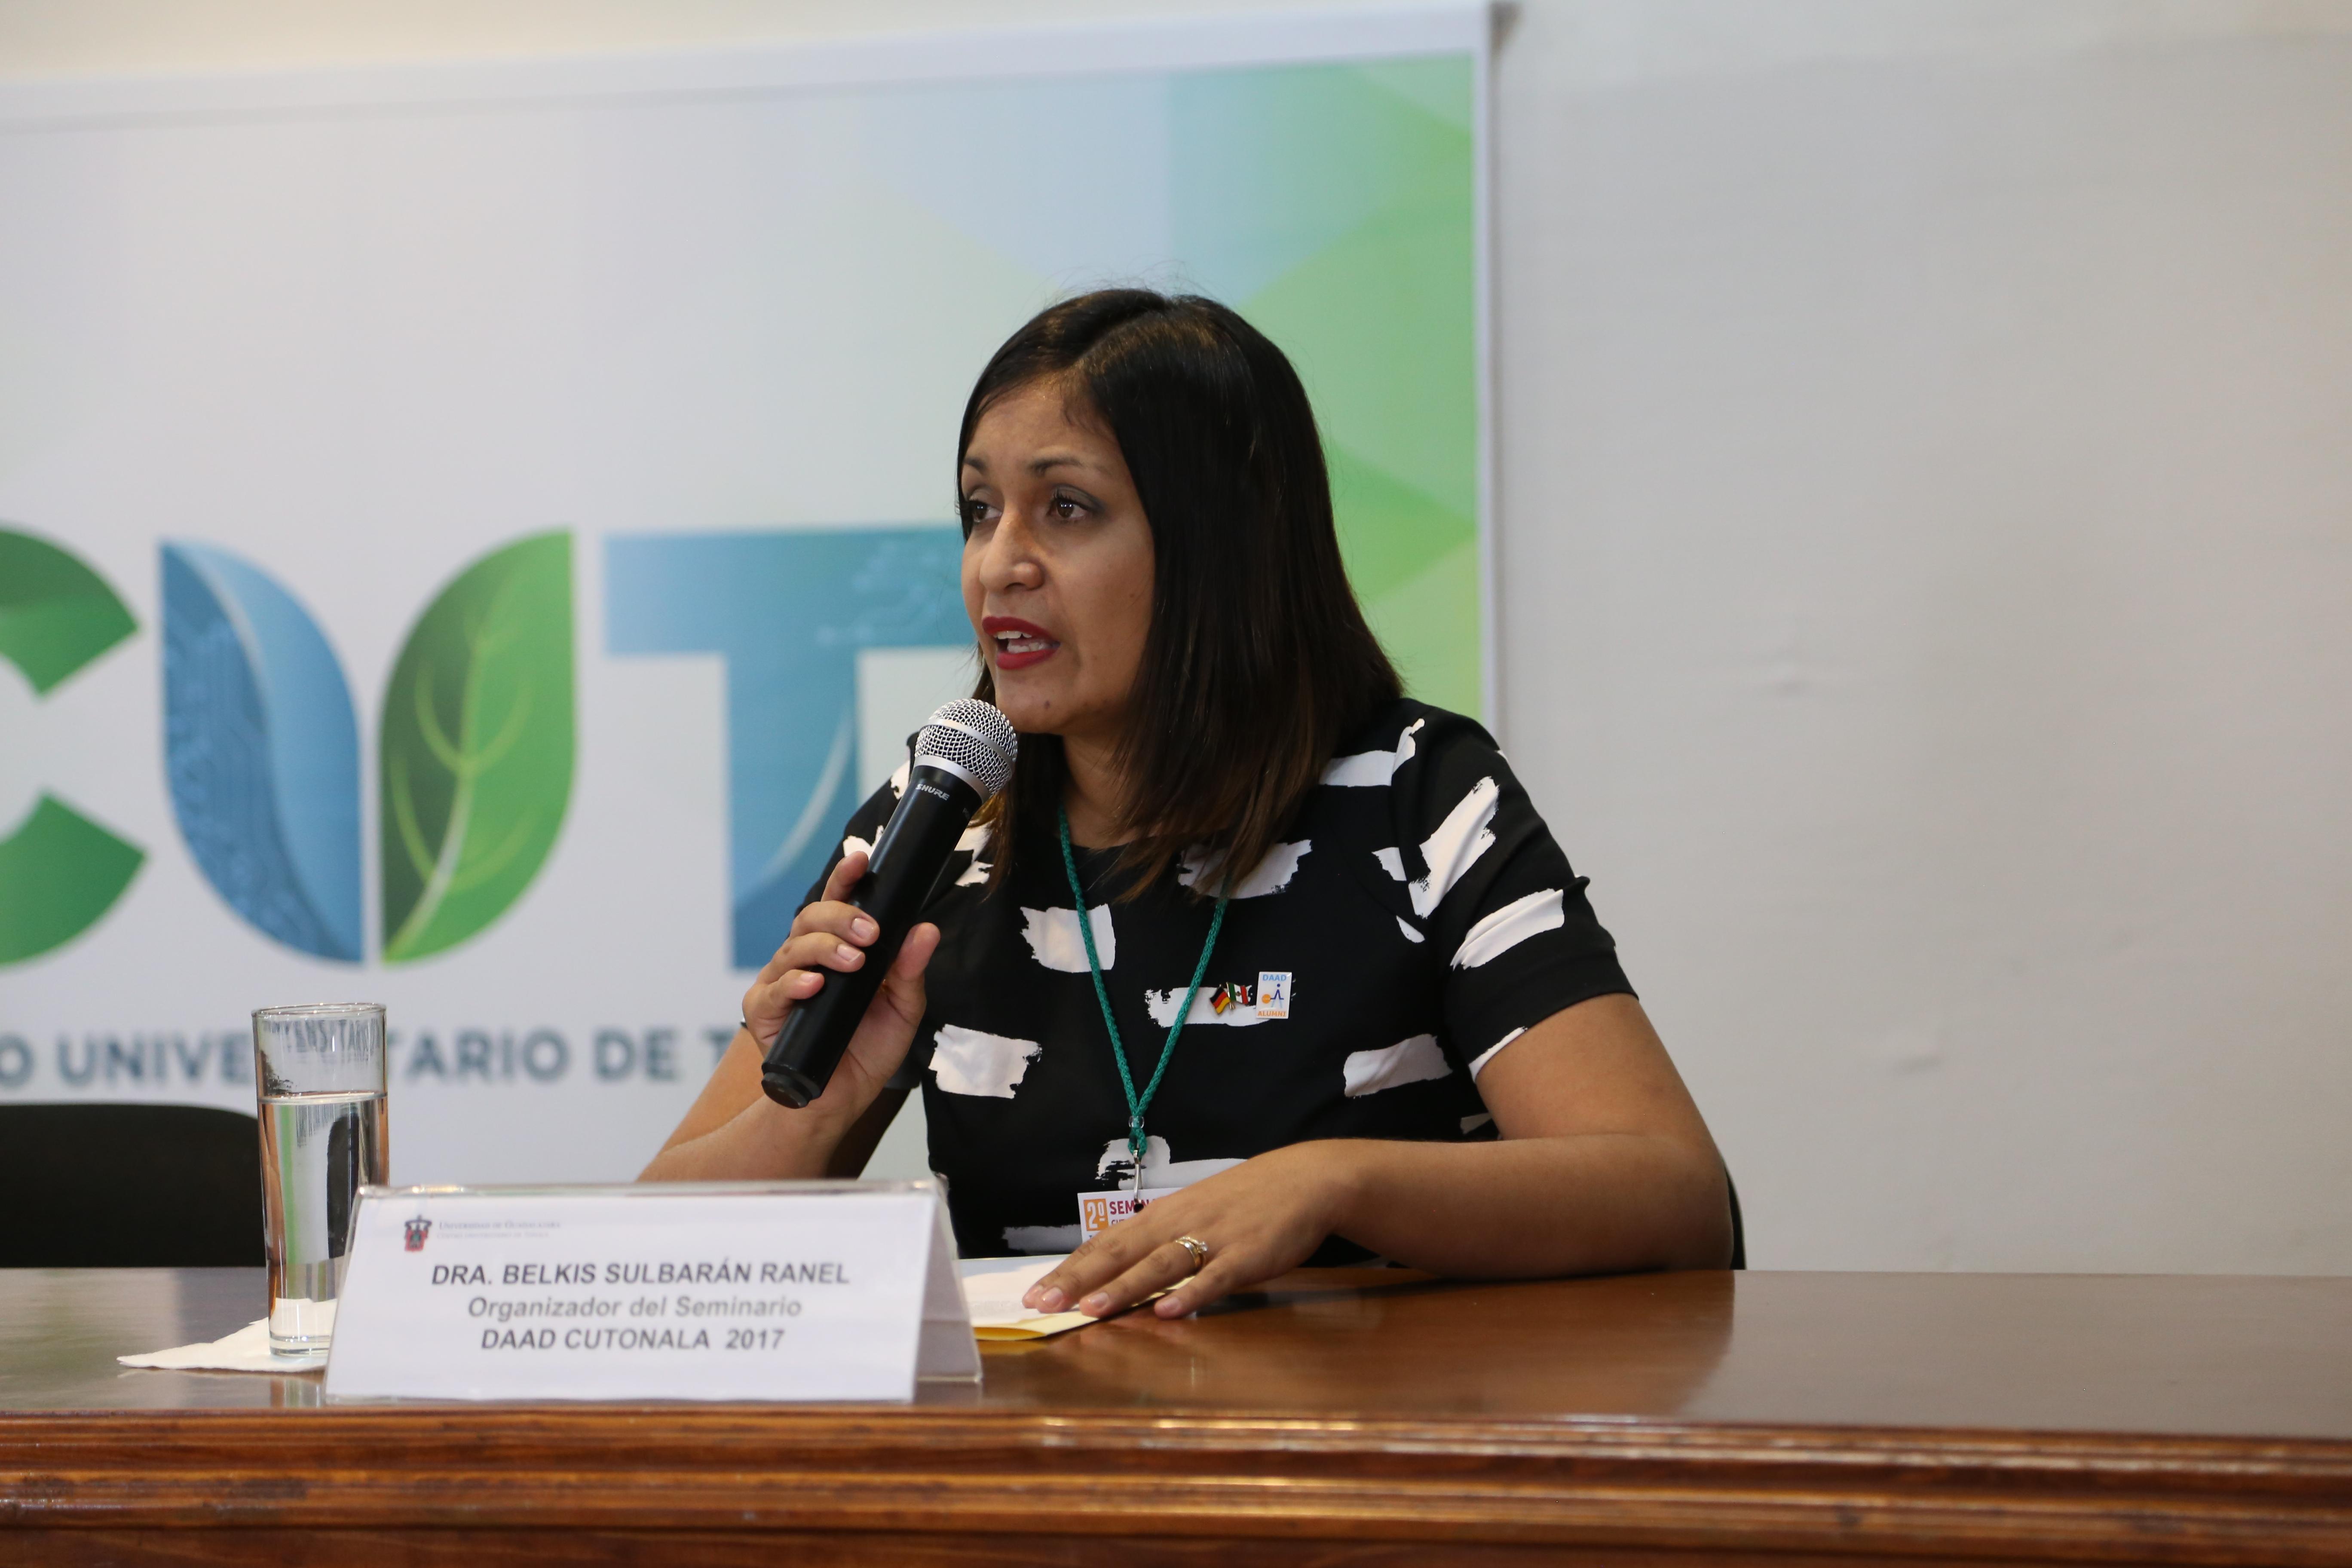 Foto de la Dra. Belkis Sulbarán Rangel, organizadora del Seminario DAAD